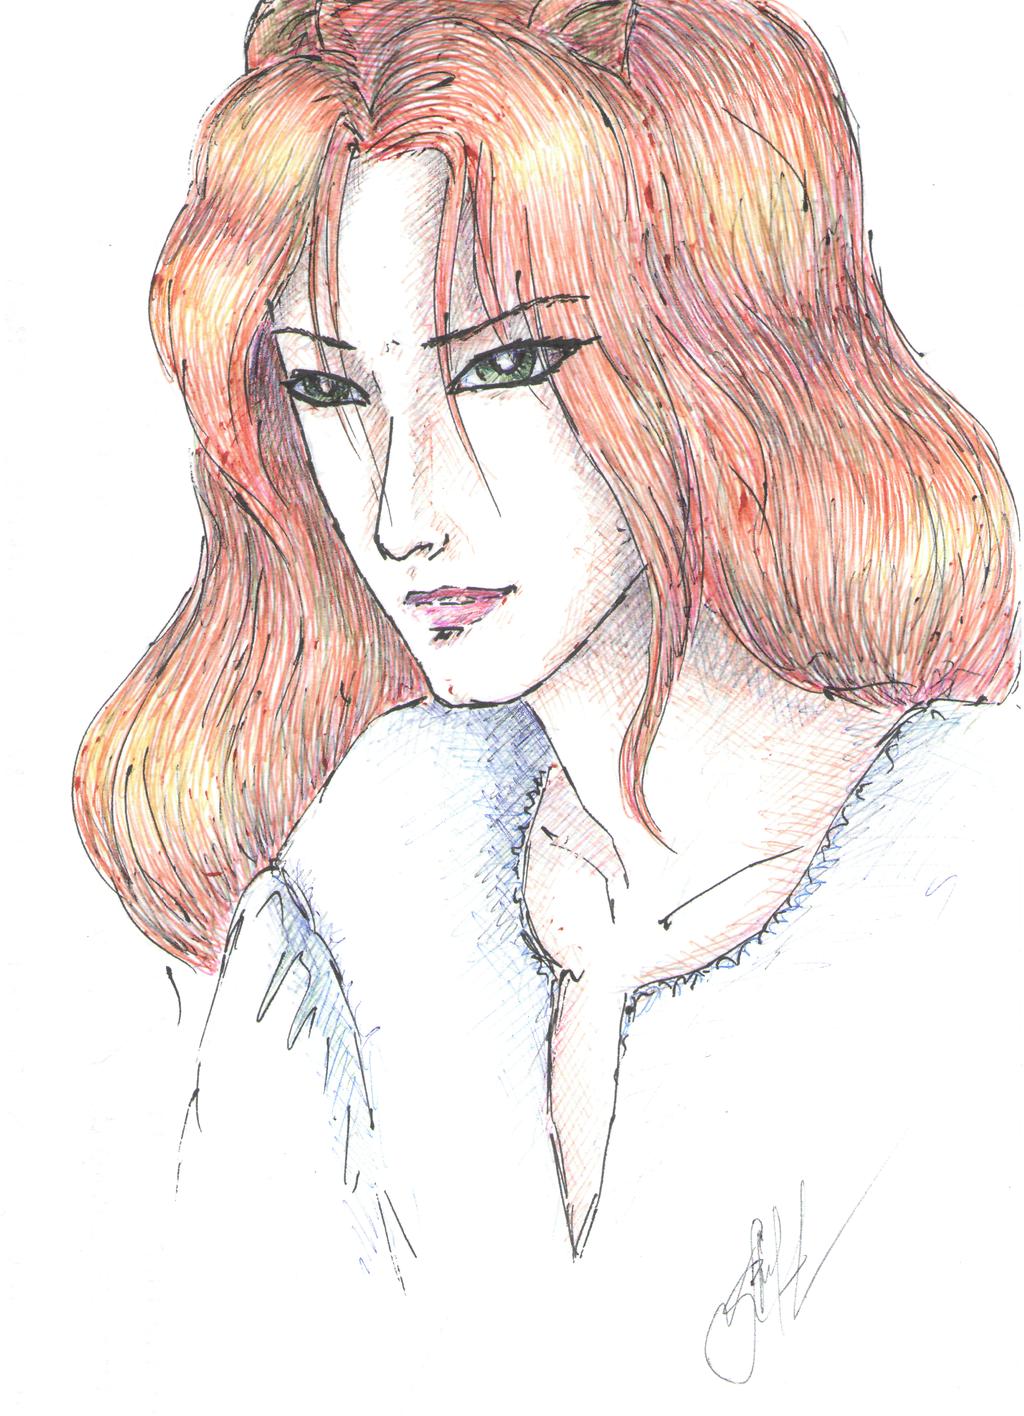 Horny redhead by Lirulin-yirth